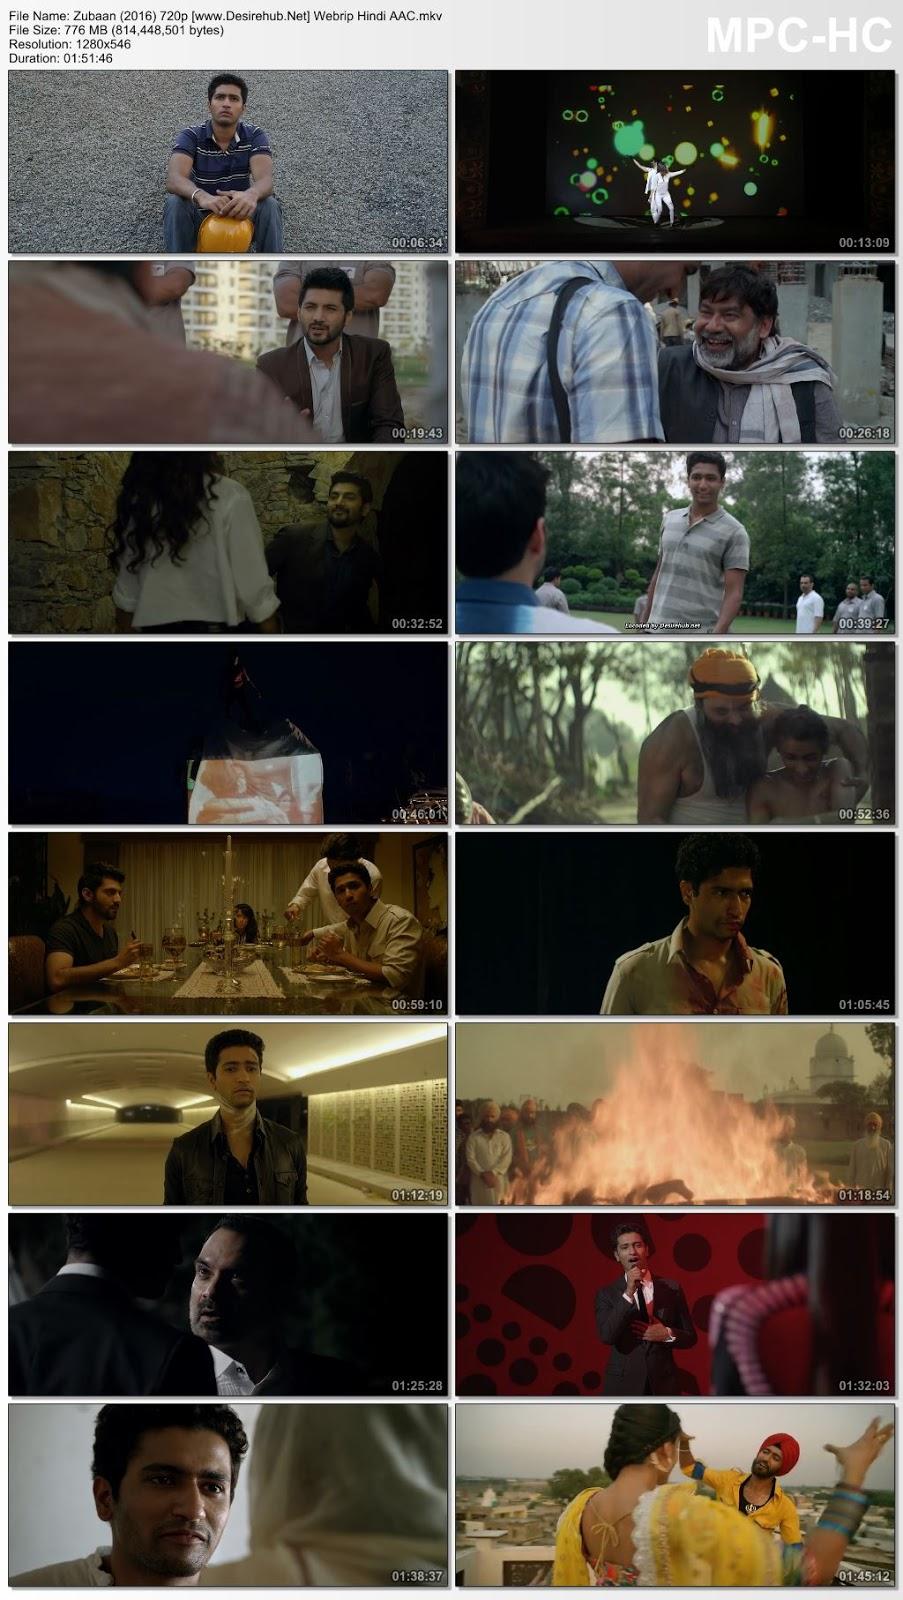 Zubaan (2016) Hindi 720p WEBRip Hindi AAC – 800MB Desirehub